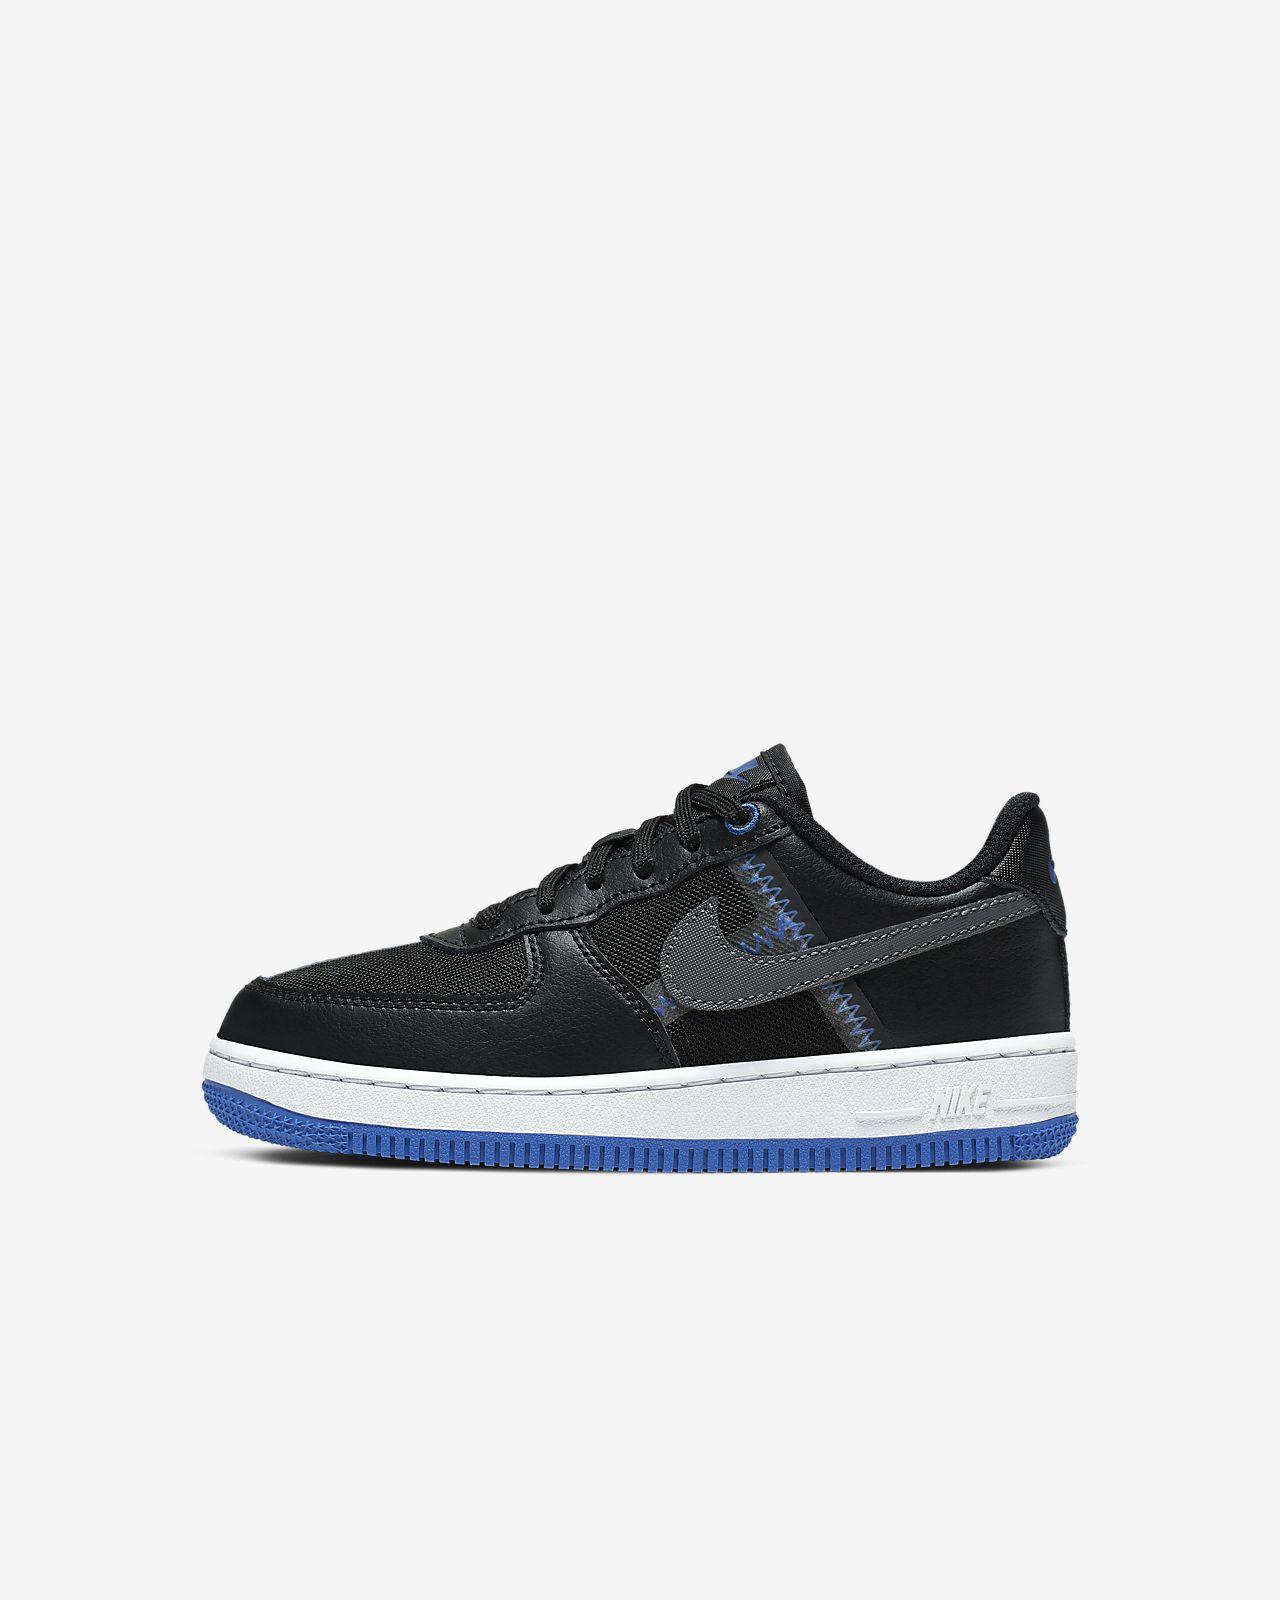 Nike Force 1 LV8 1 Little Kids' Shoe